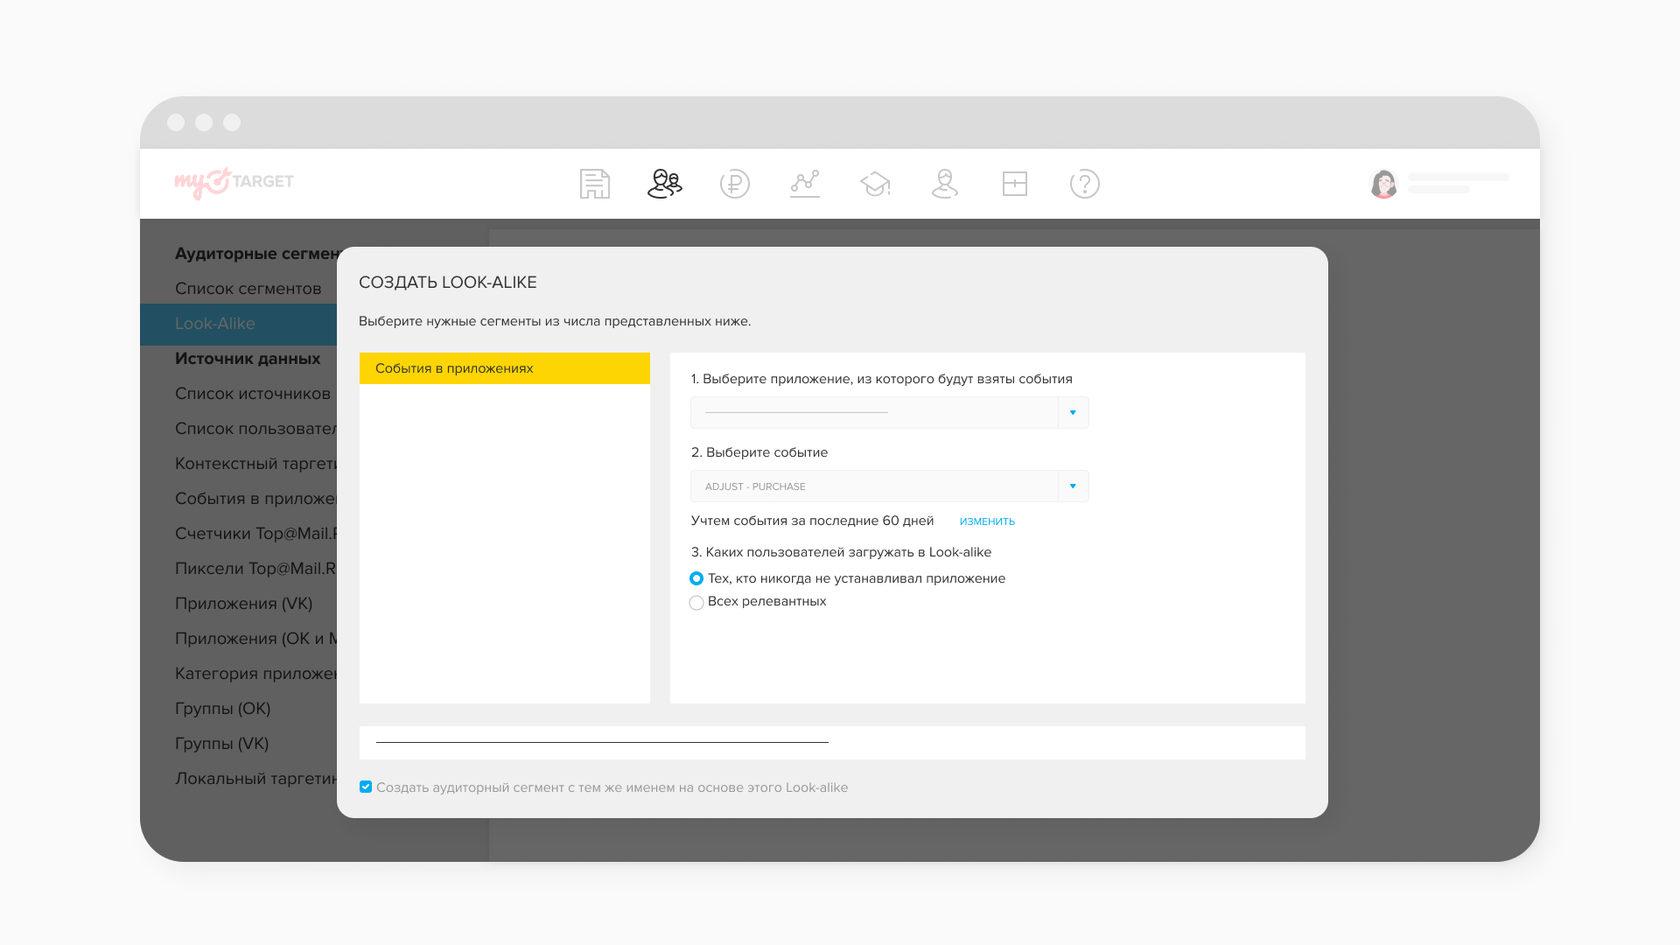 Задайте отрезок времени, за которое исходные пользователи совершали заданные события в приложении